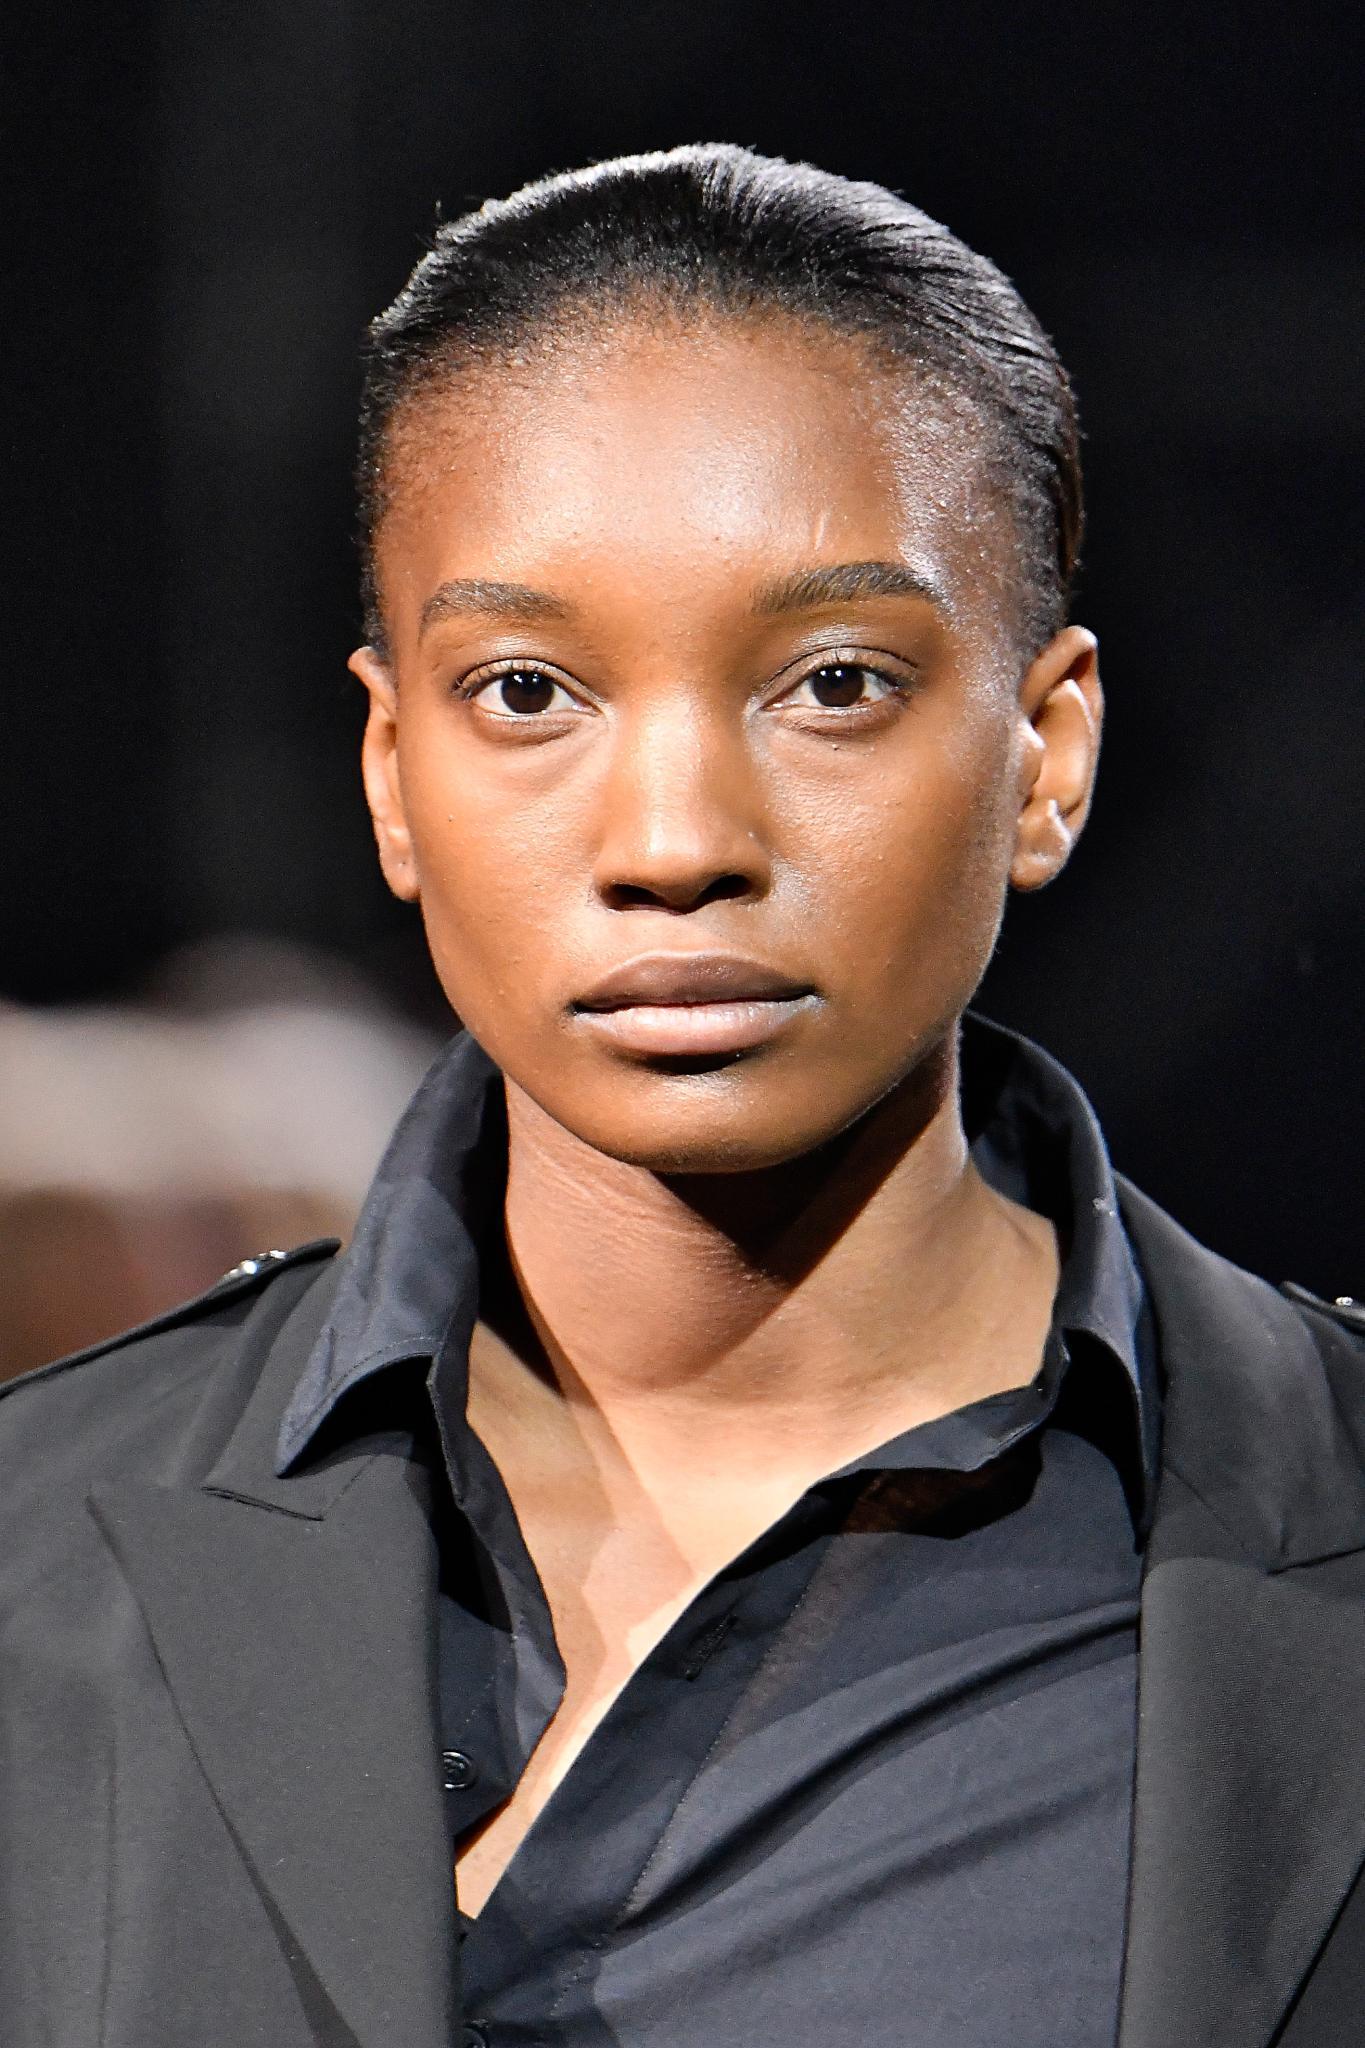 Cheveux noirs courts : Un modèle aux cheveux courts gominés